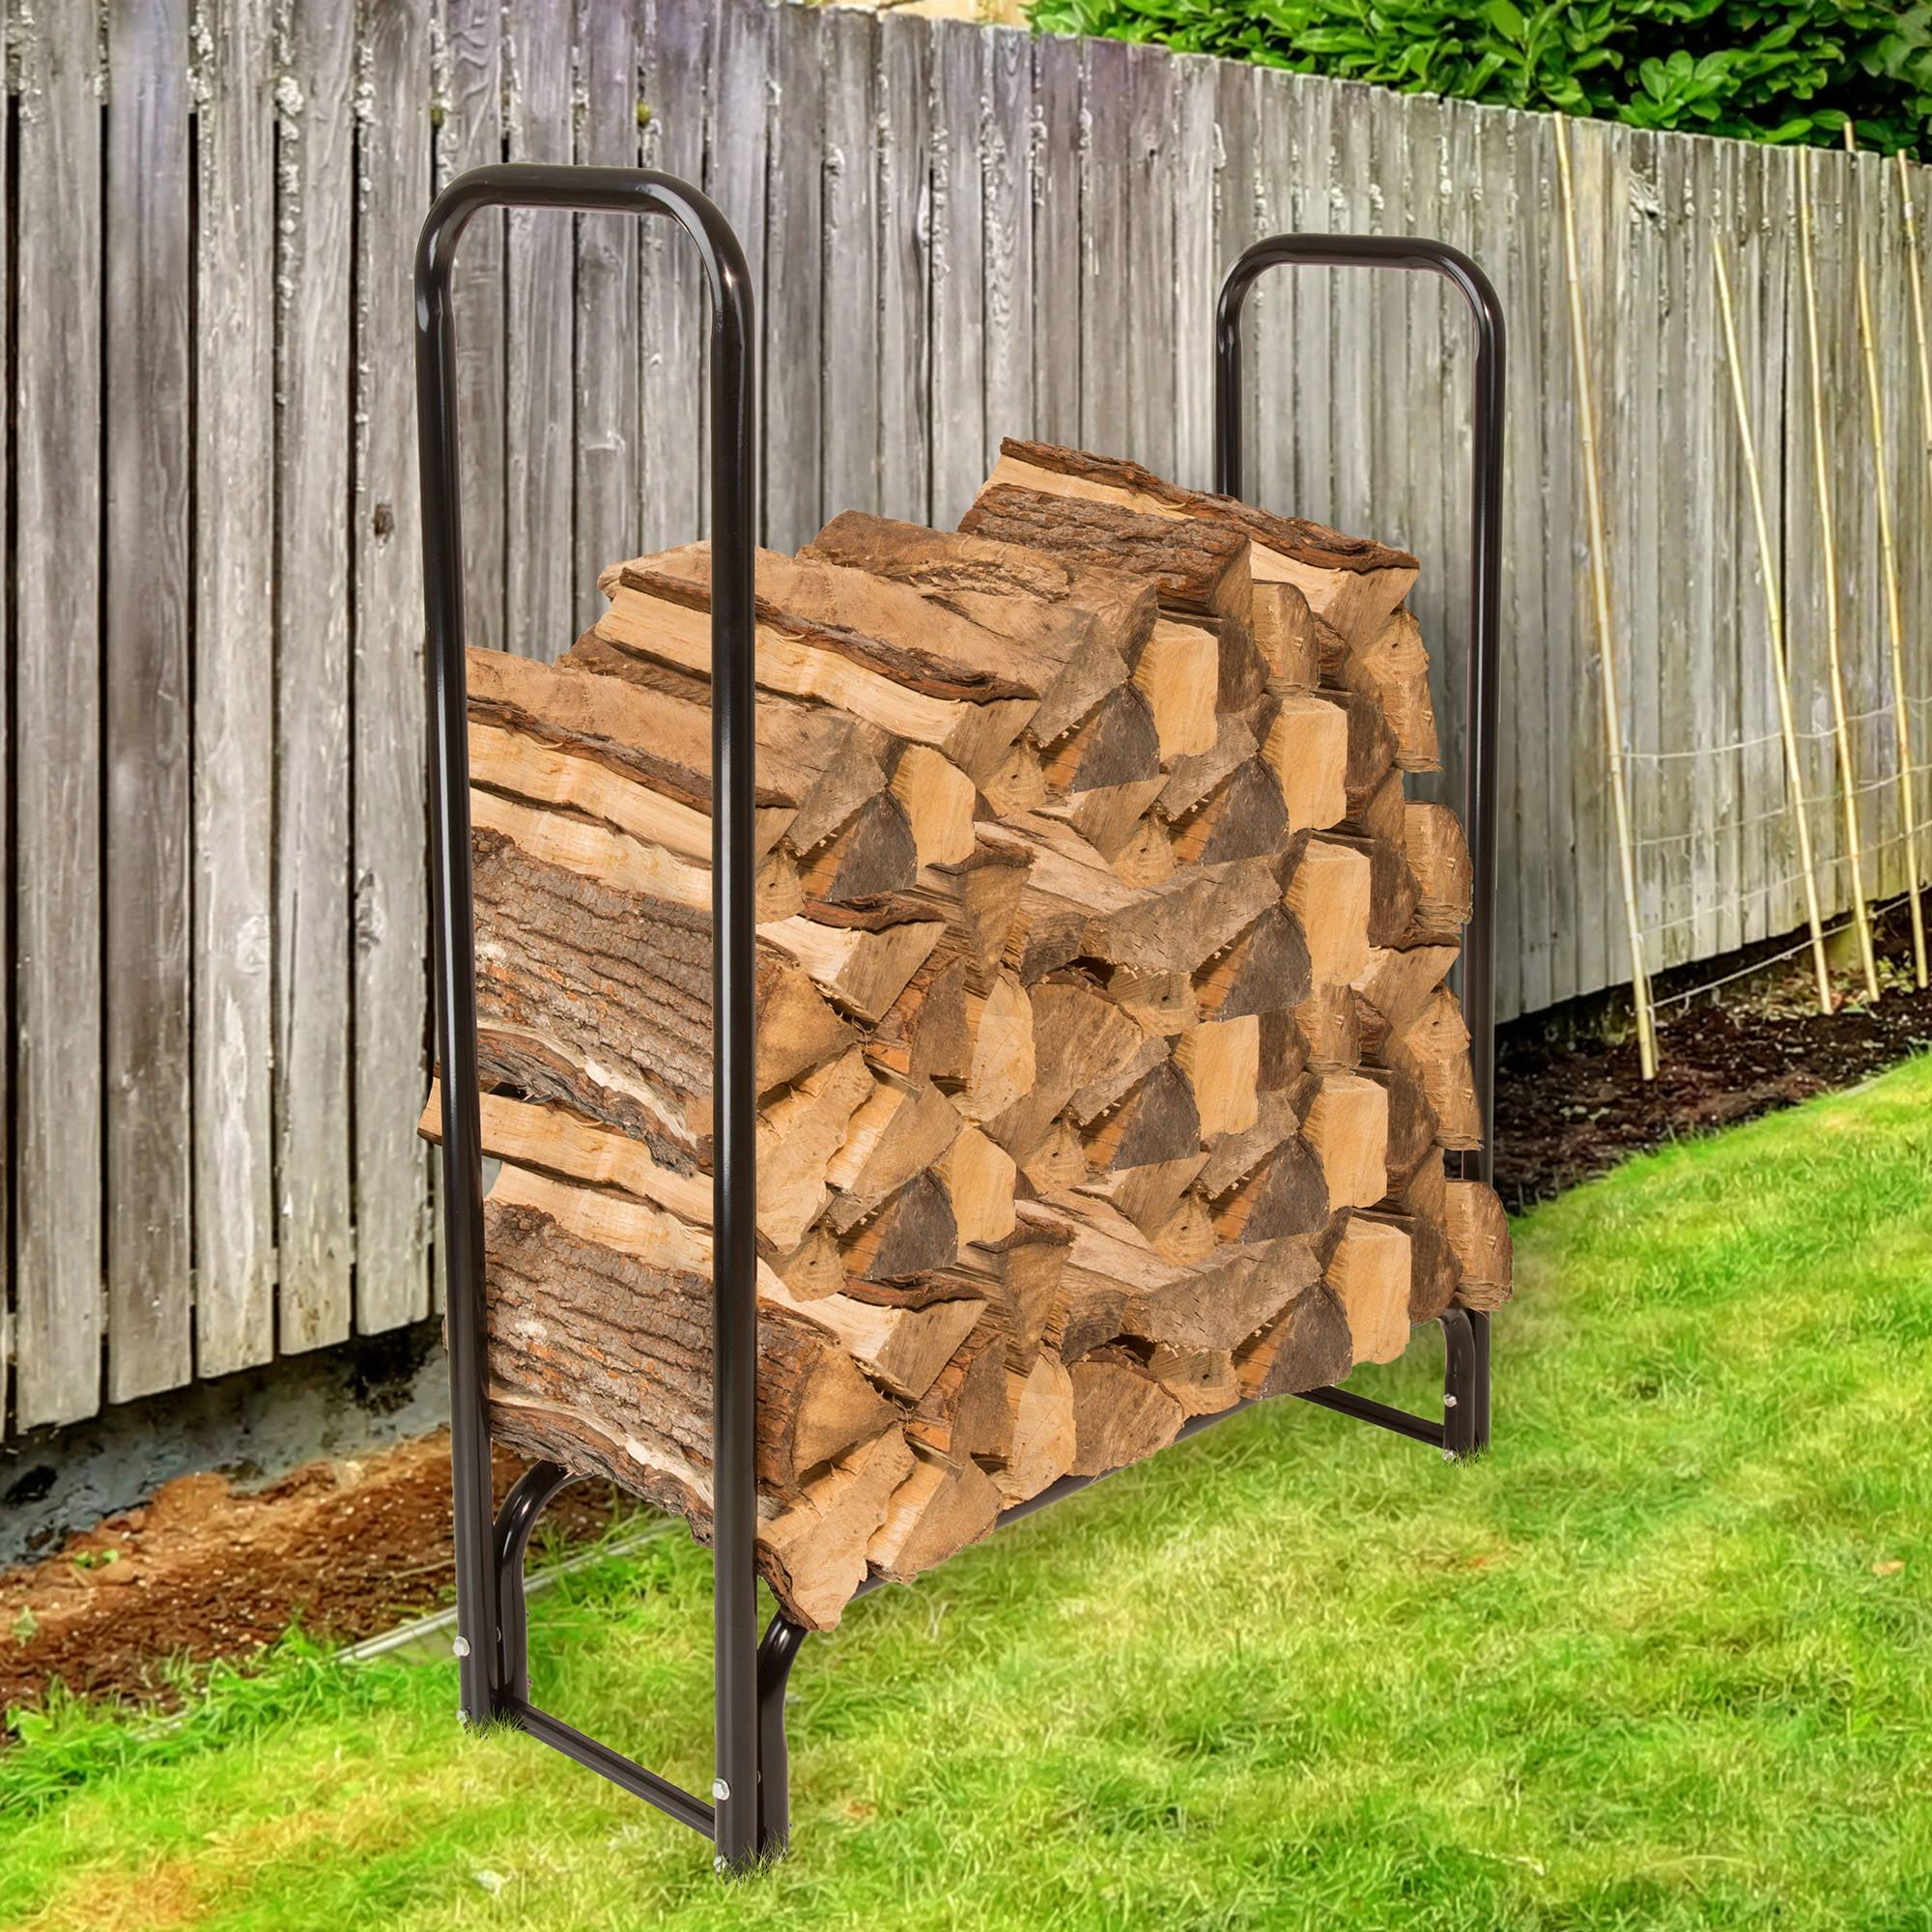 Pure Garden 4' Firewood Log Rack